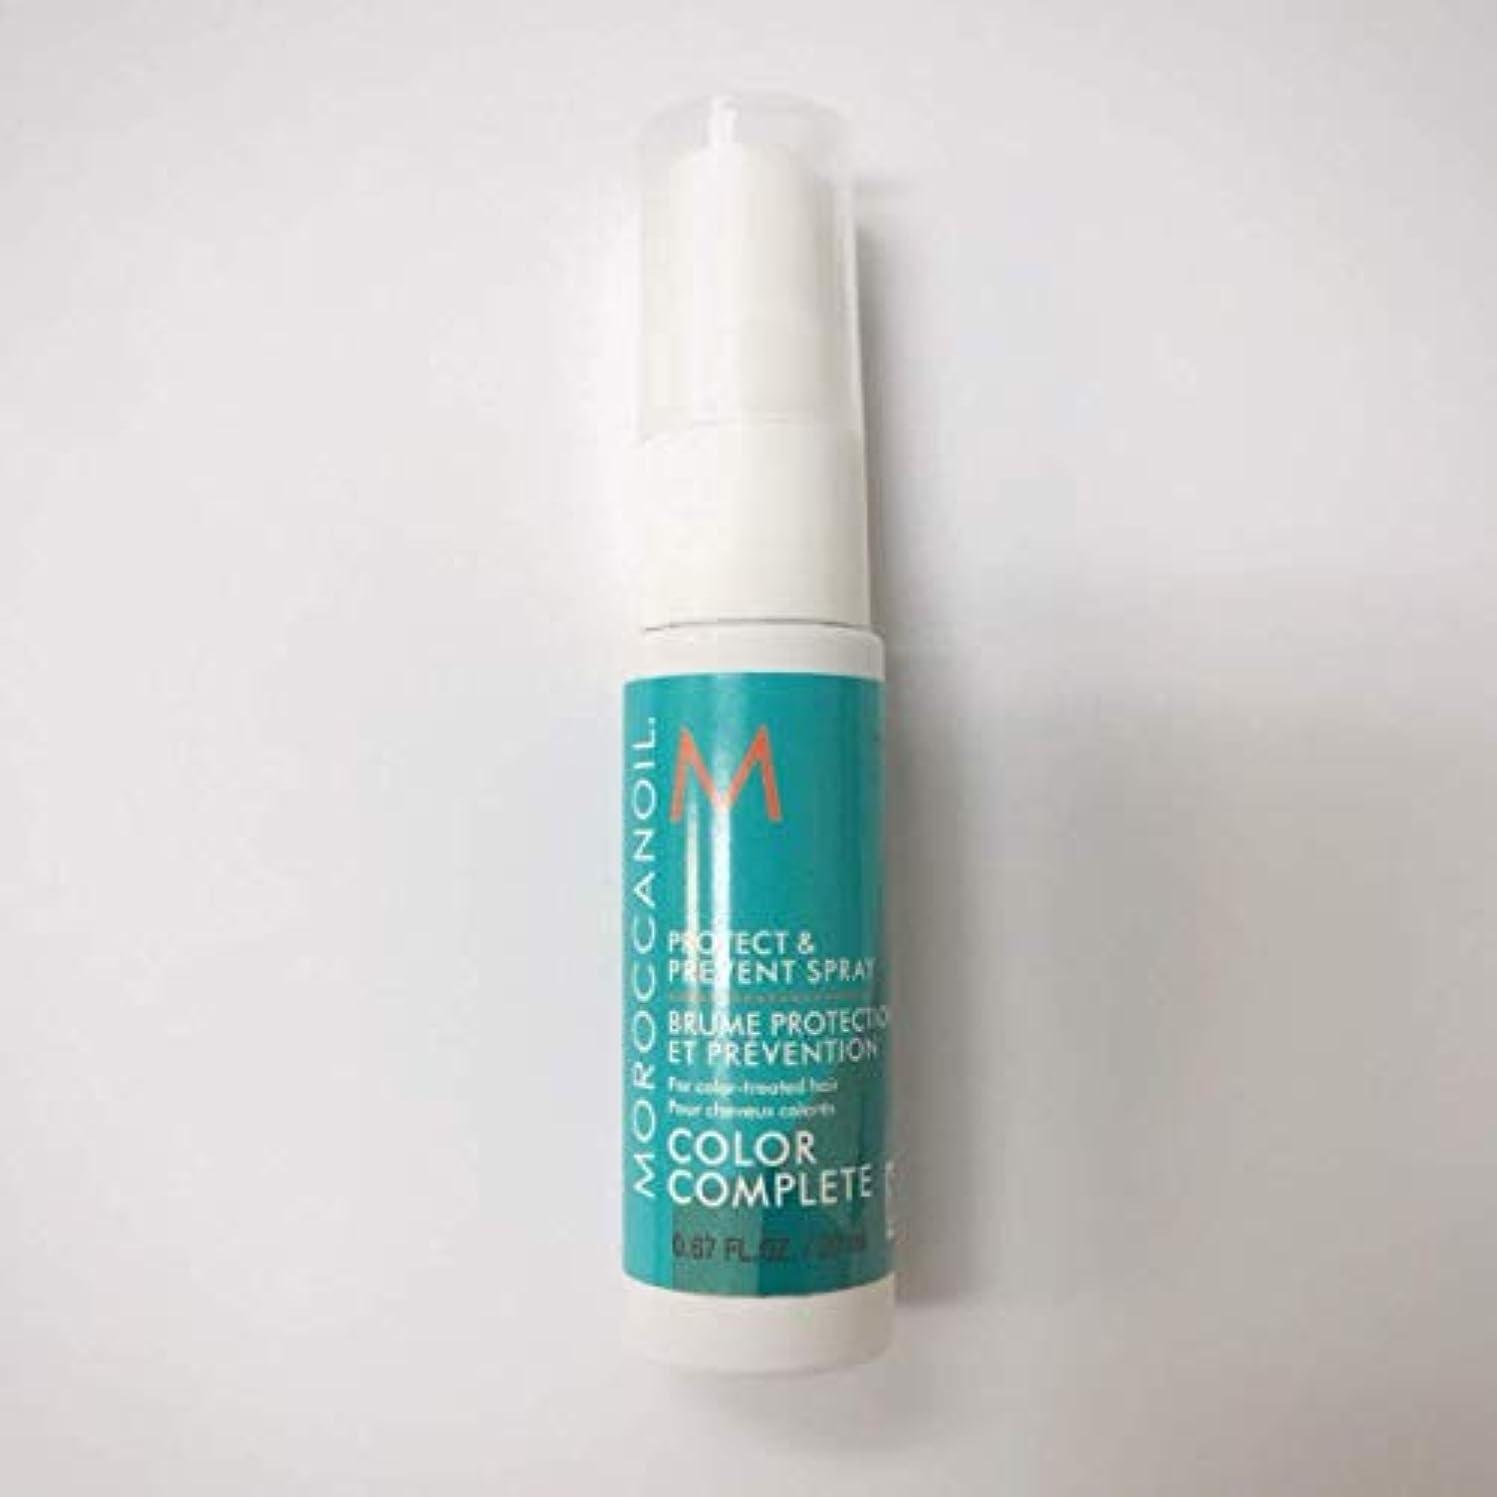 簿記係溶接ホバーMoroccanoil Protect & Prevent Color Complete Spray Travel Size 20ml [並行輸入品]